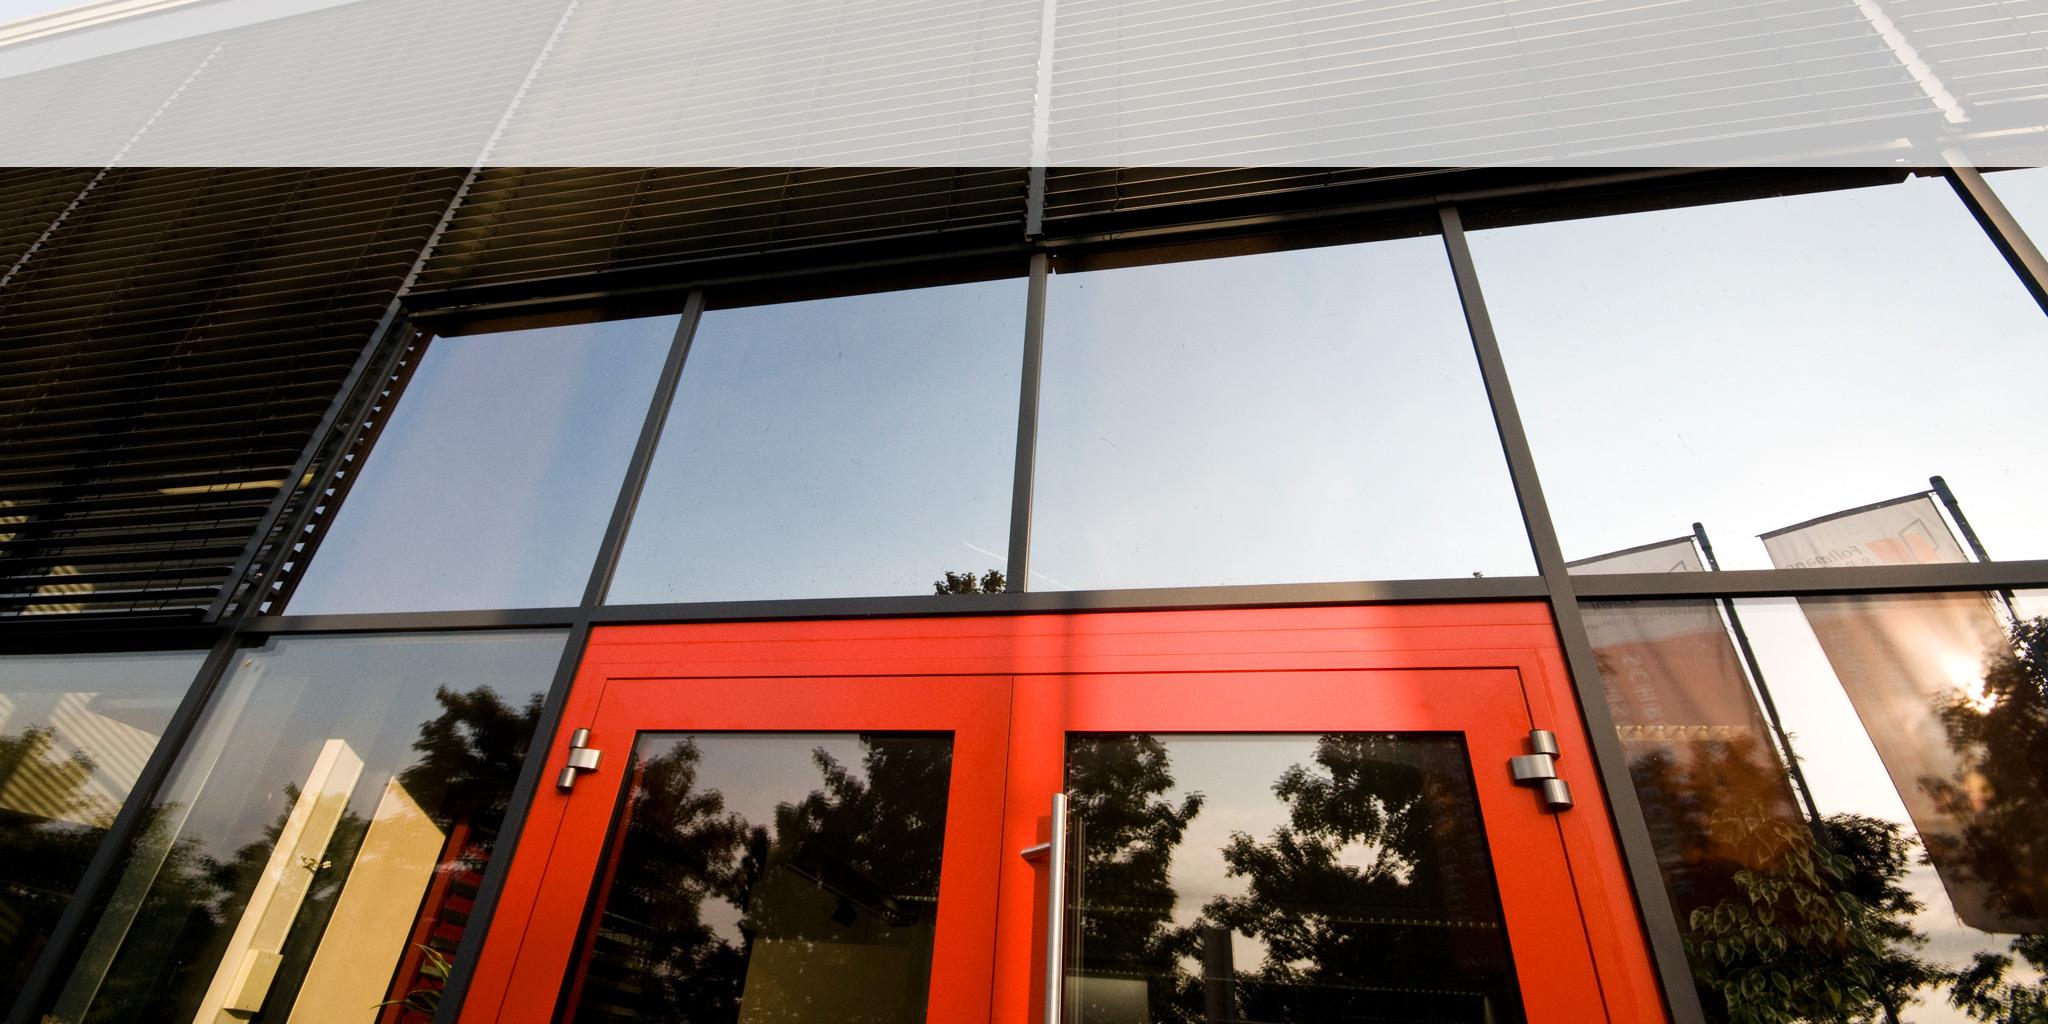 Full Size of Fenster Trier Root Follmann Riehl Fenstertechnik Schreinerei Felux Preisvergleich Sonnenschutz Jalousie Fliegengitter Ebay Alarmanlagen Für Und Türen Pvc Fenster Fenster Trier